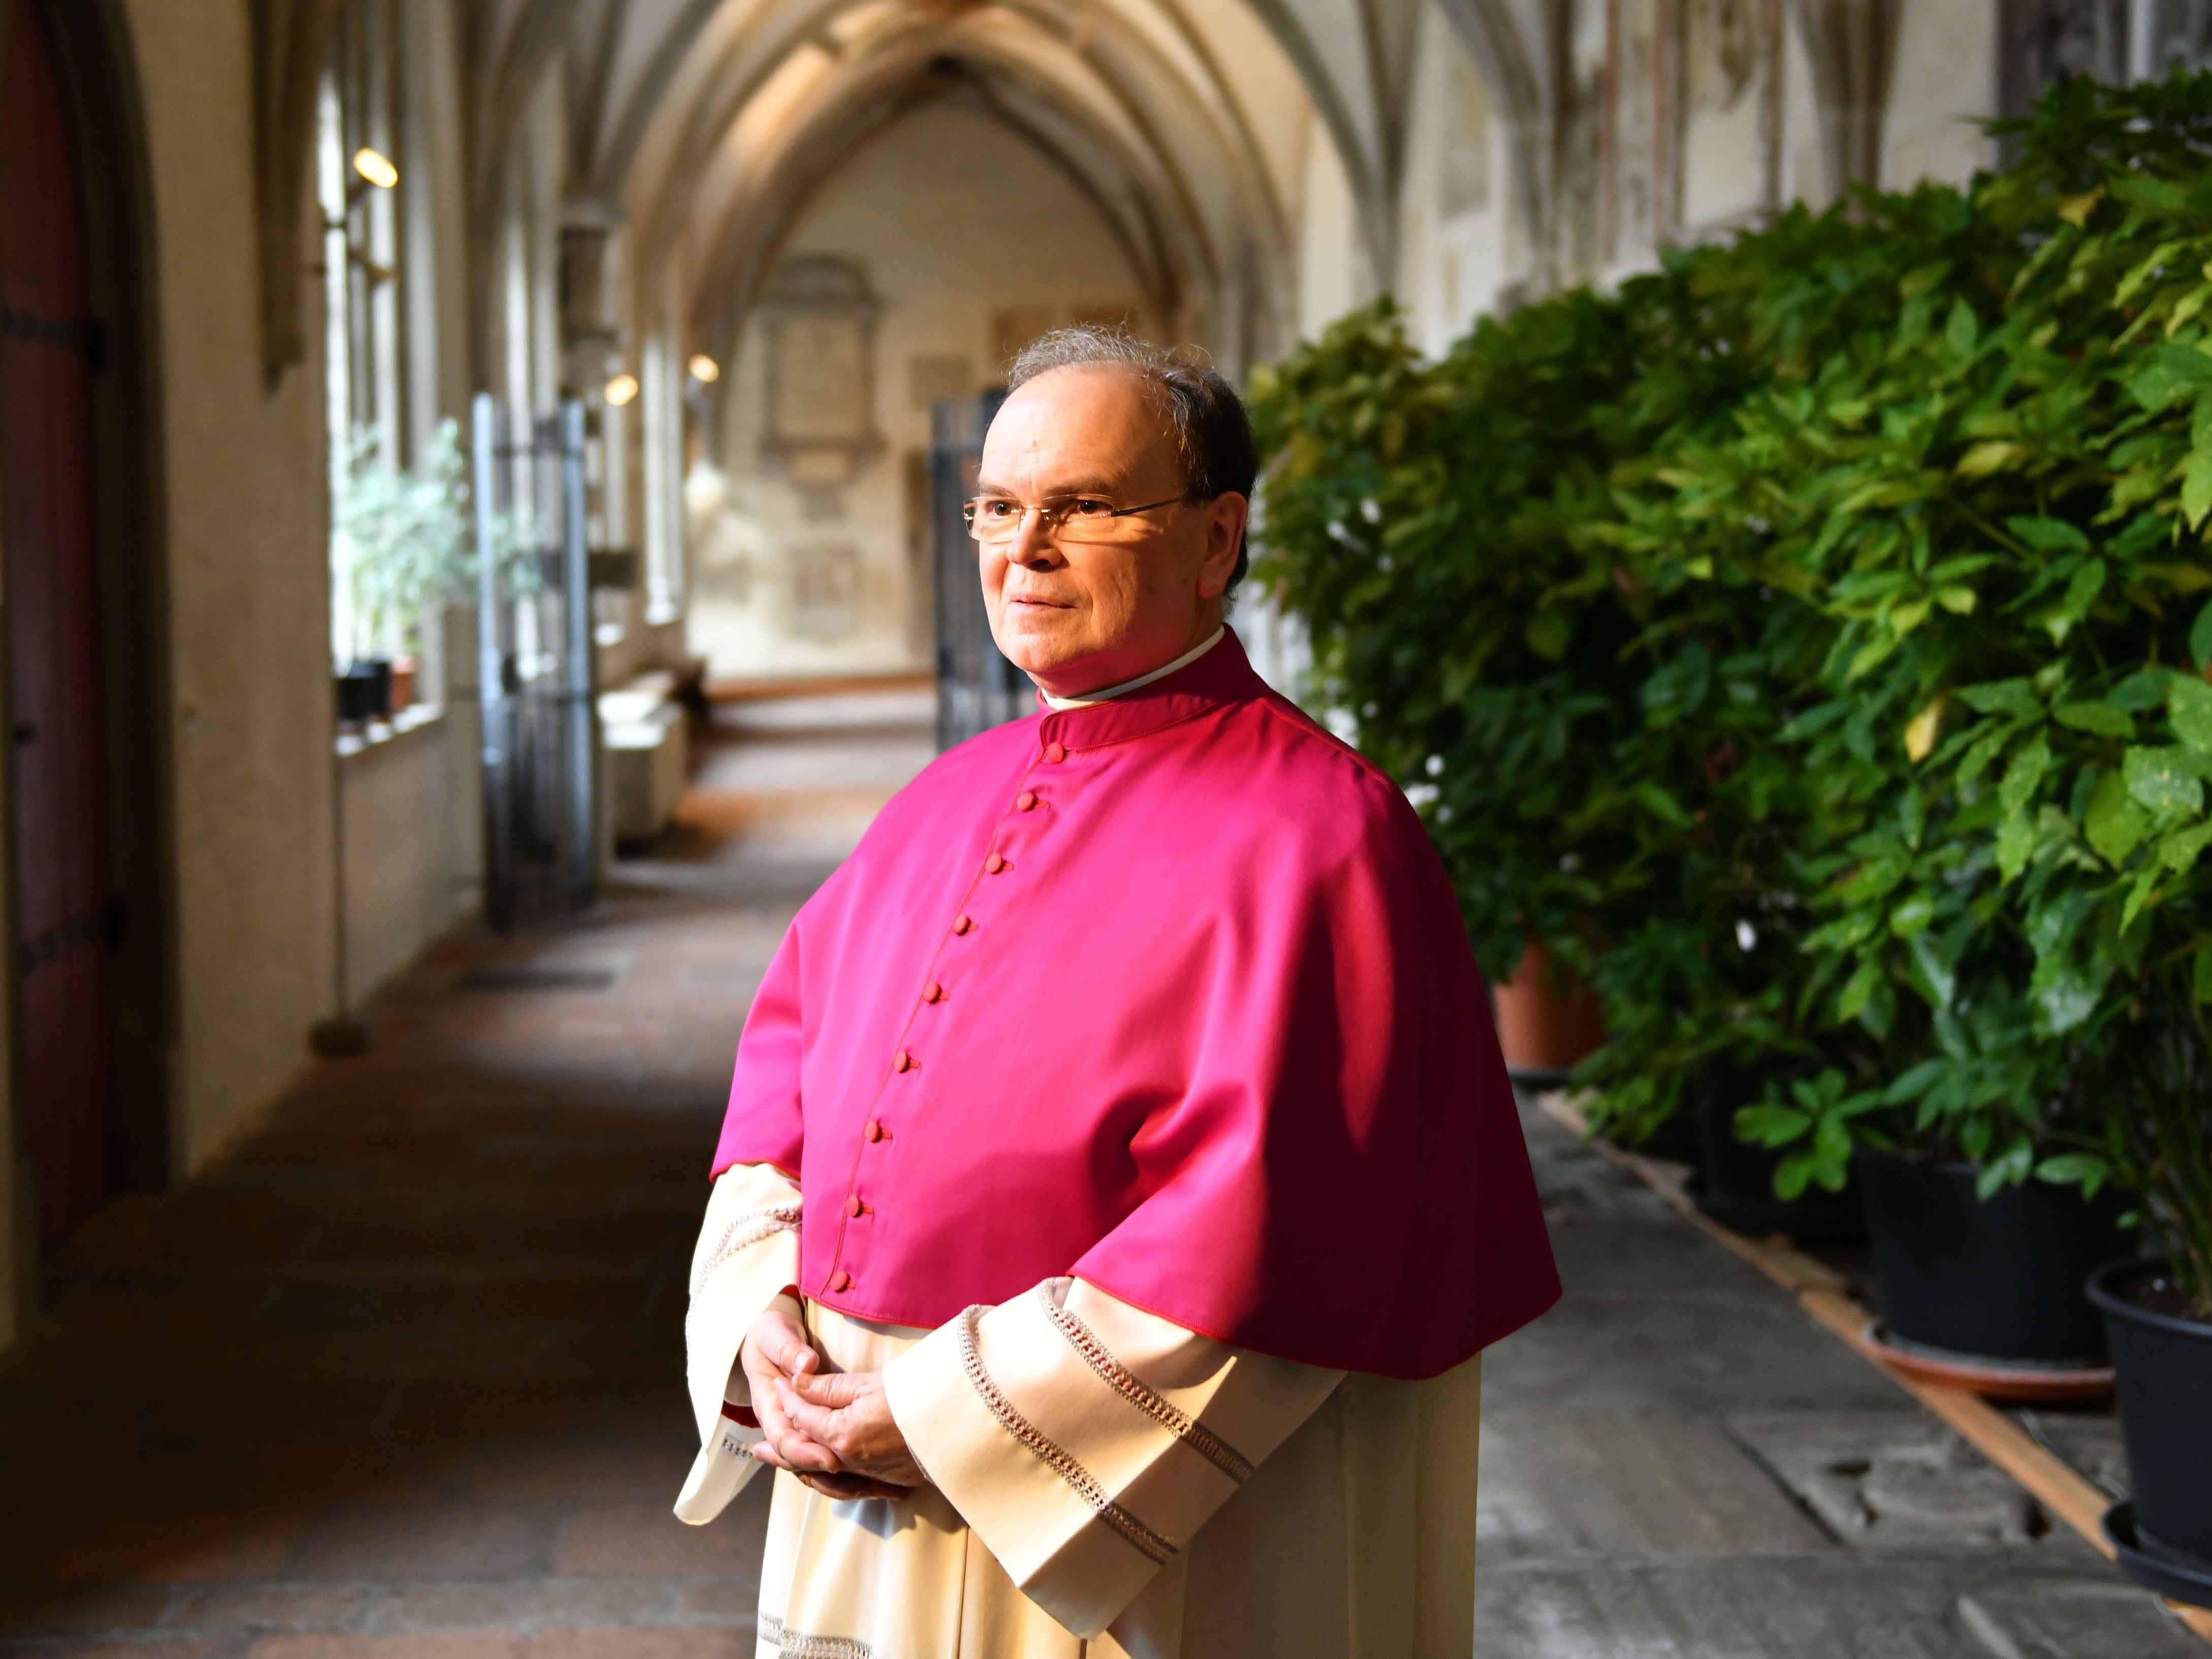 Apostolischer Administrator Dr. Bertram Meier, ernannter Bischof von Augsburg. (Foto: Nicolas Schnall / pba).